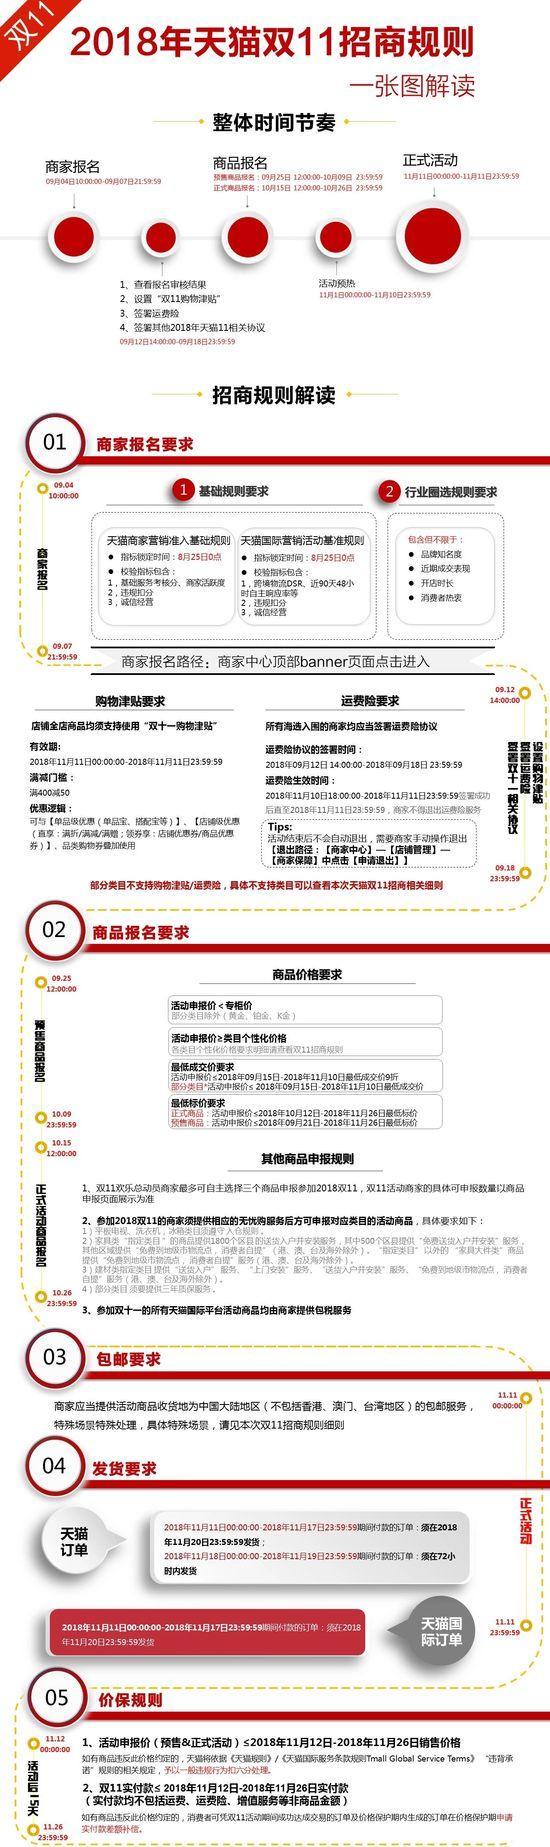 2018天猫双11活动商家报名时间及招商要求